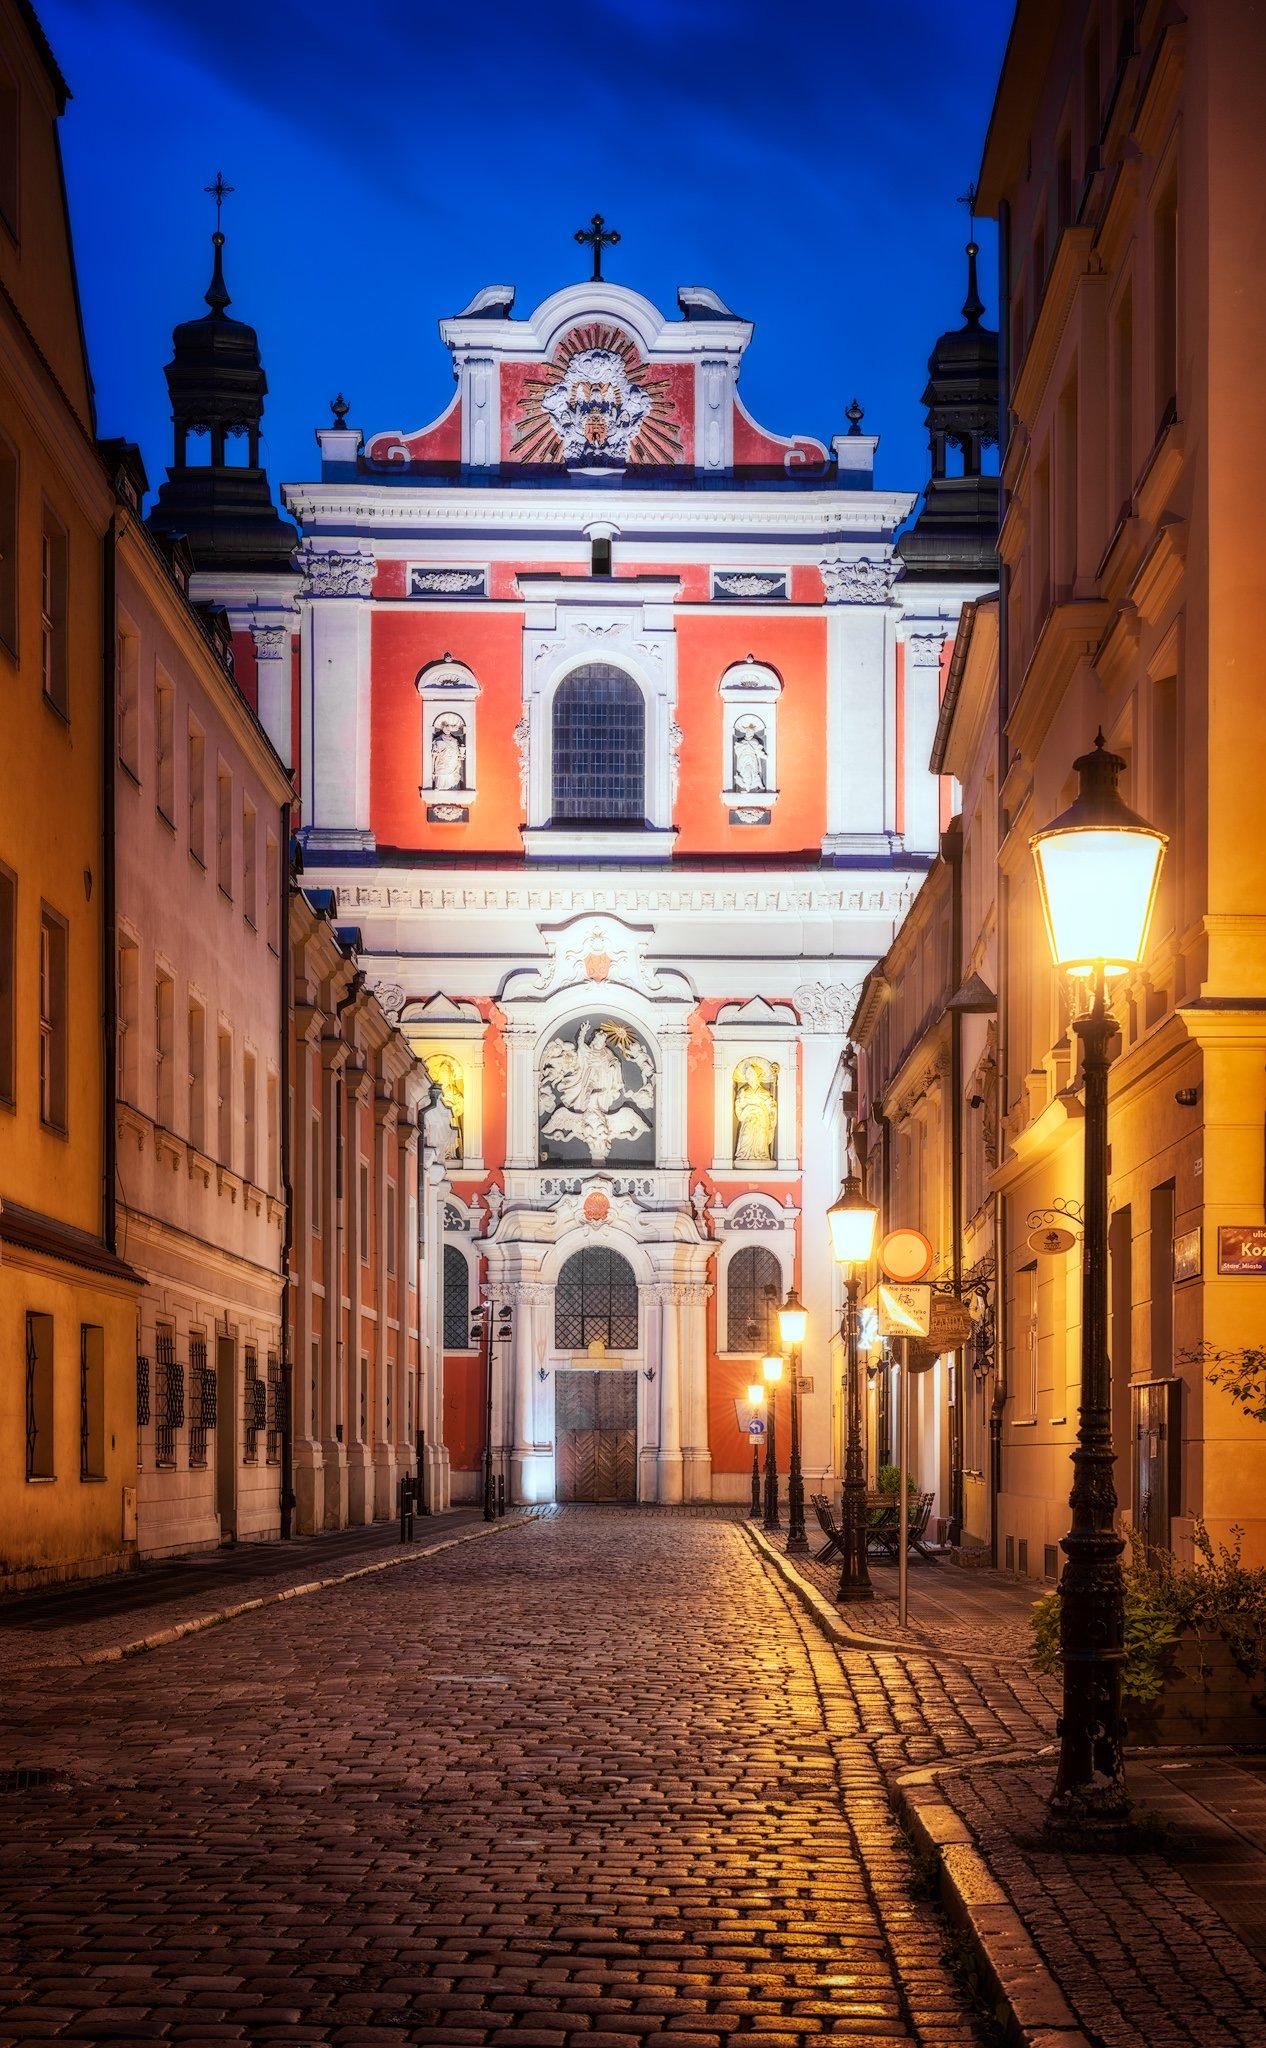 Poznan Fara bei Nacht - barocke Basilika Unserer Lieben Frau von der Immerwährenden Hilfe, Maria Magdalena und der Heilige Stanislaus; Polen